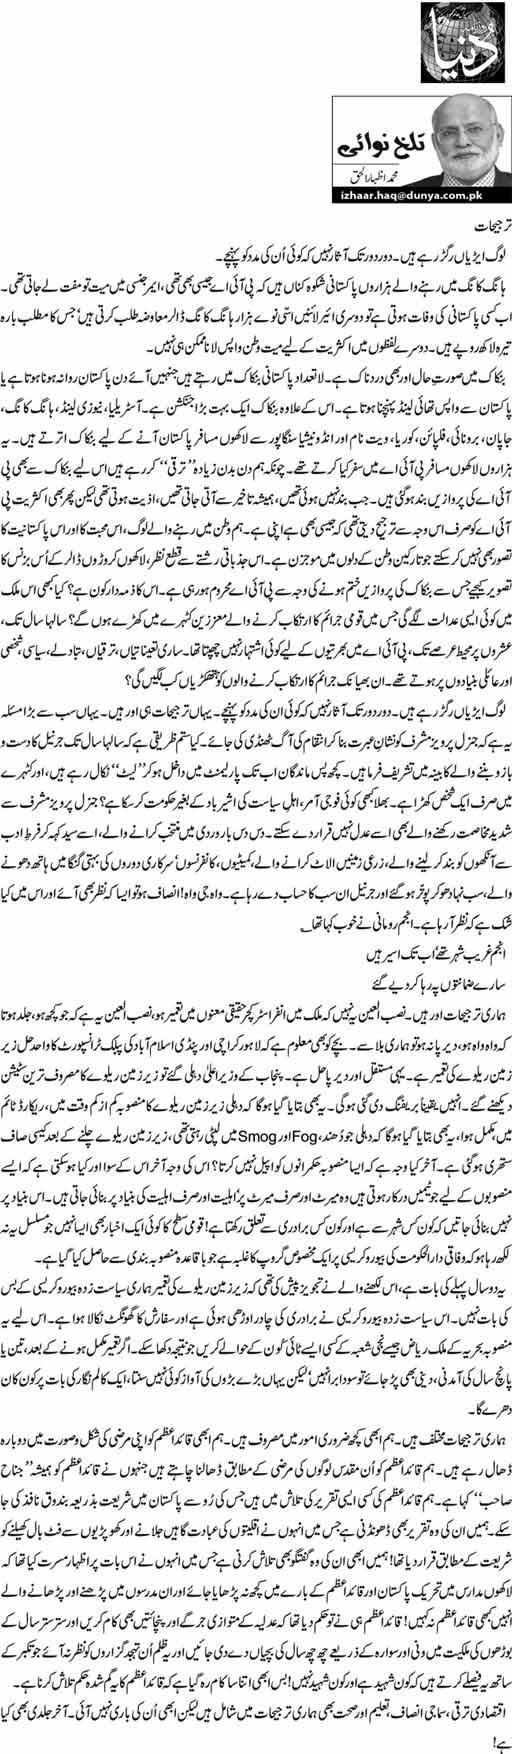 Tarjihaat - Muhammad Izhar ul Haq - 7th April 2014